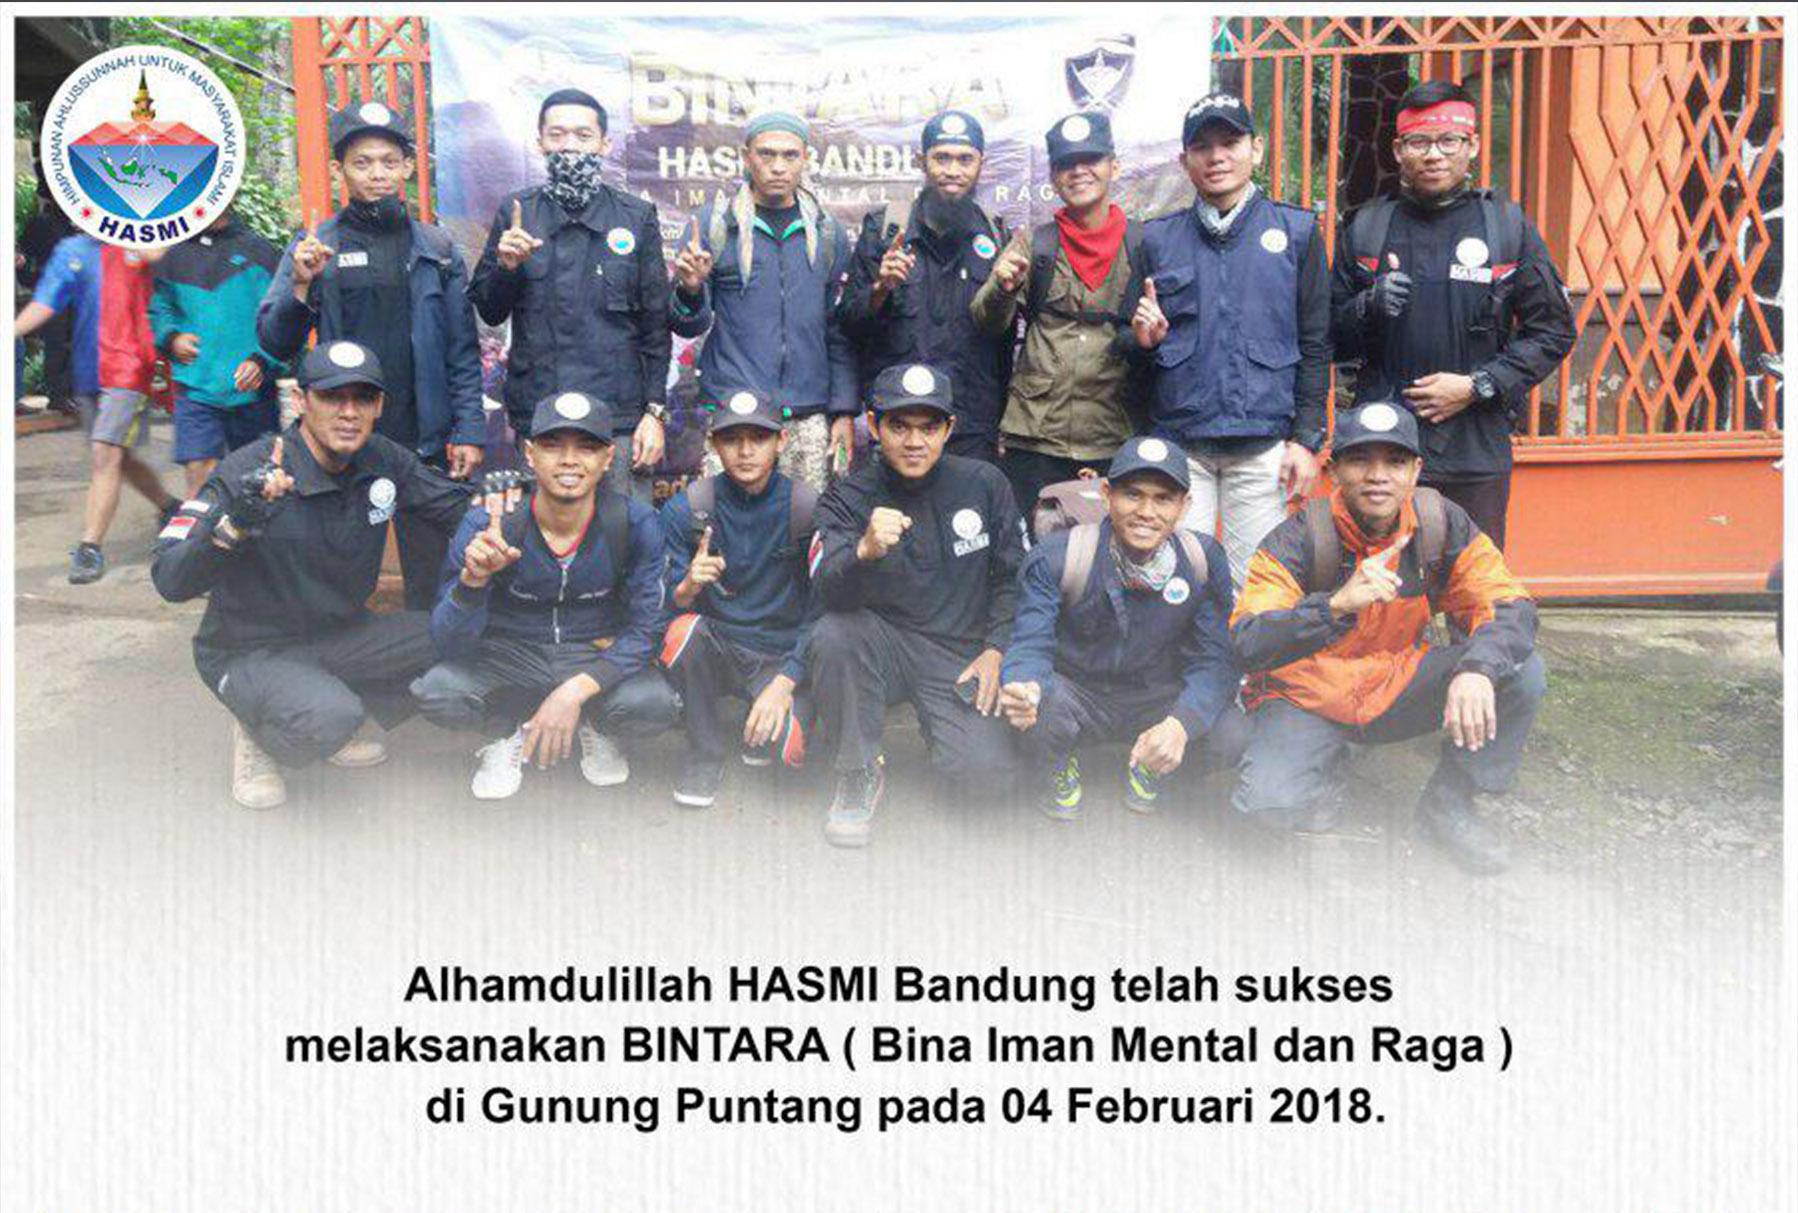 HASMI Bandung Sukses Melaksanakan BINTARA di Gunung Puntang